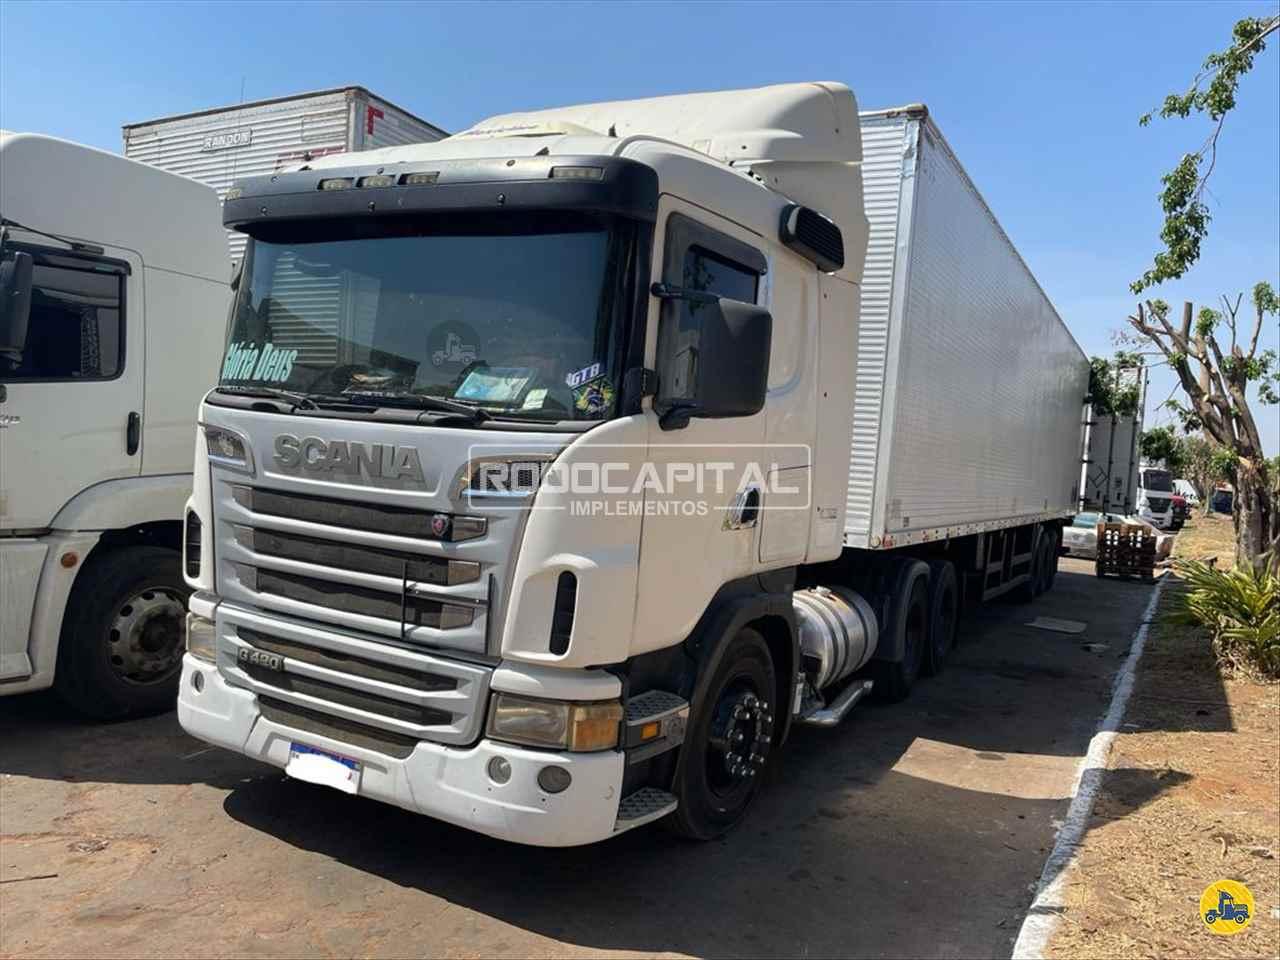 CAMINHAO SCANIA SCANIA 420 Cavalo Mecânico Truck 6x2 RODOCAPITAL - TRUCKVAN BRASILIA DISTRITO FEDERAL DF